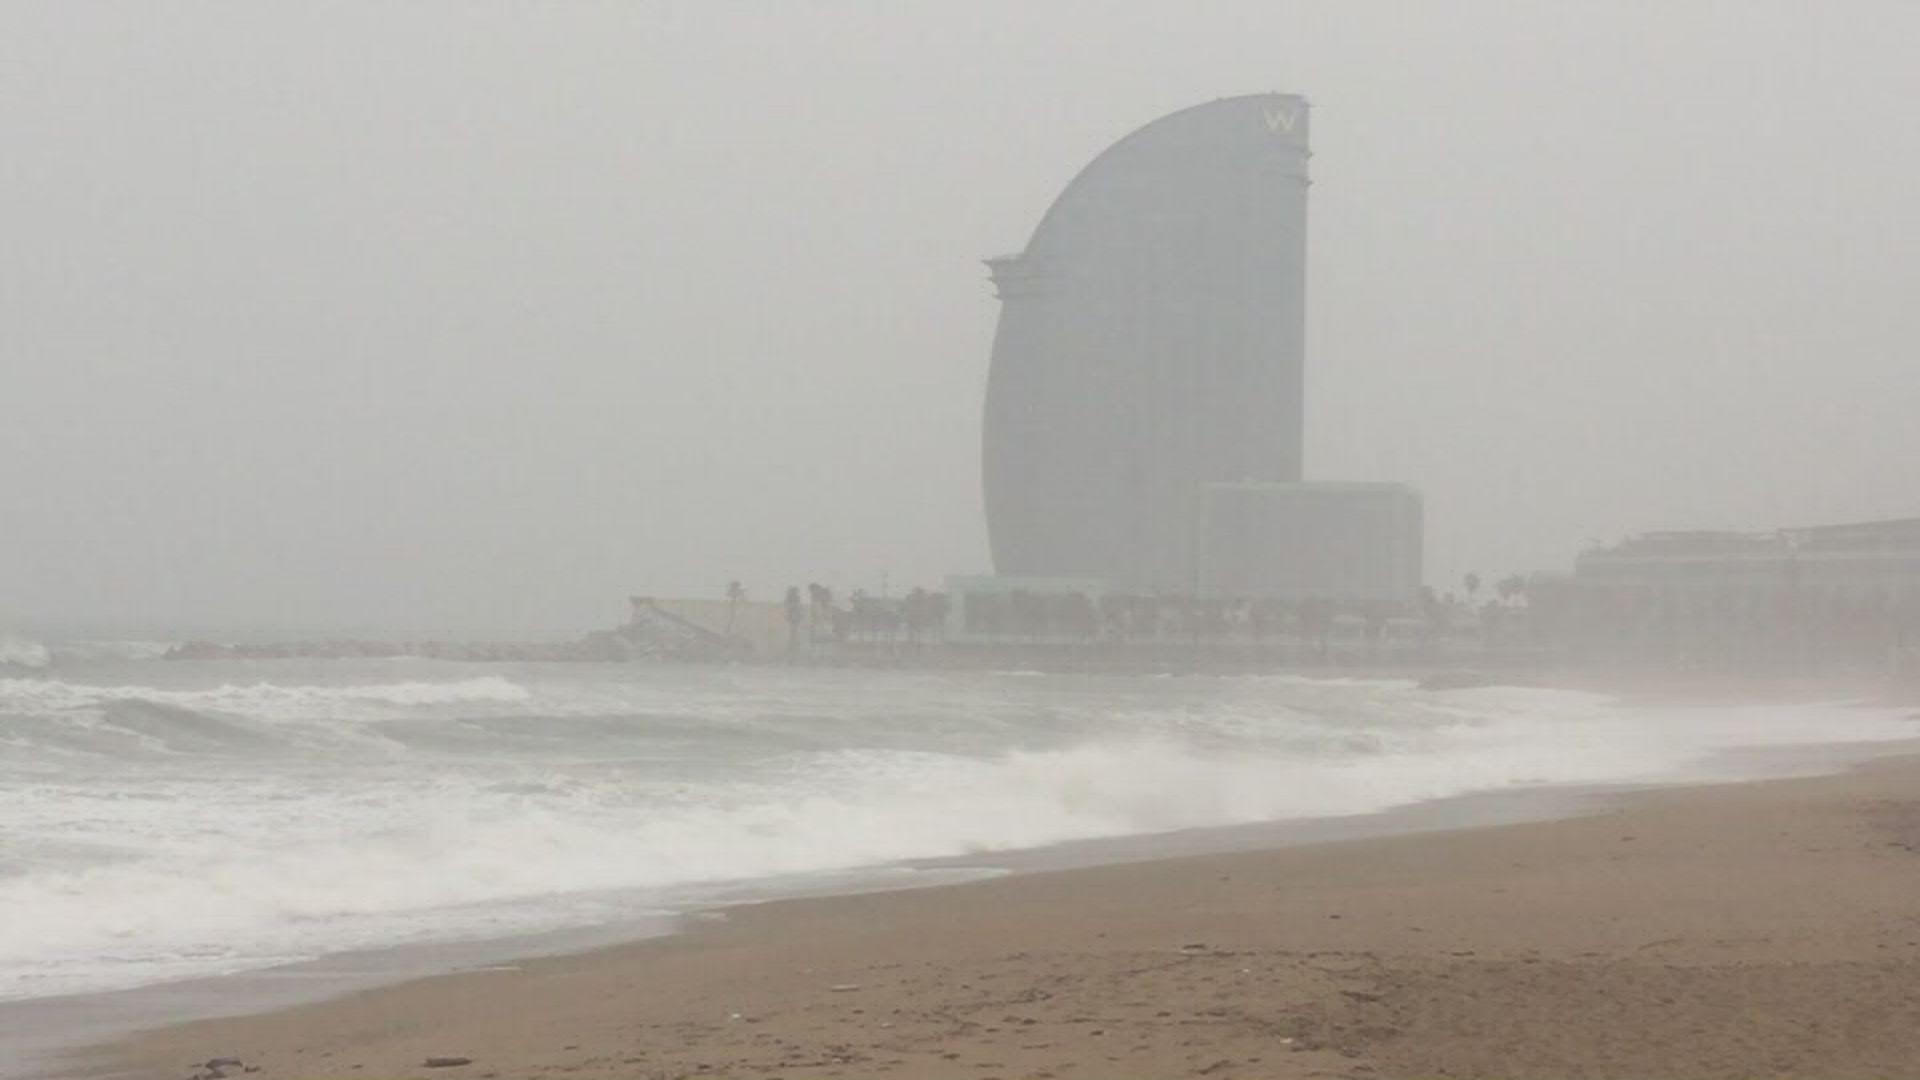 onades i mala mar platja amb hotel W de fons